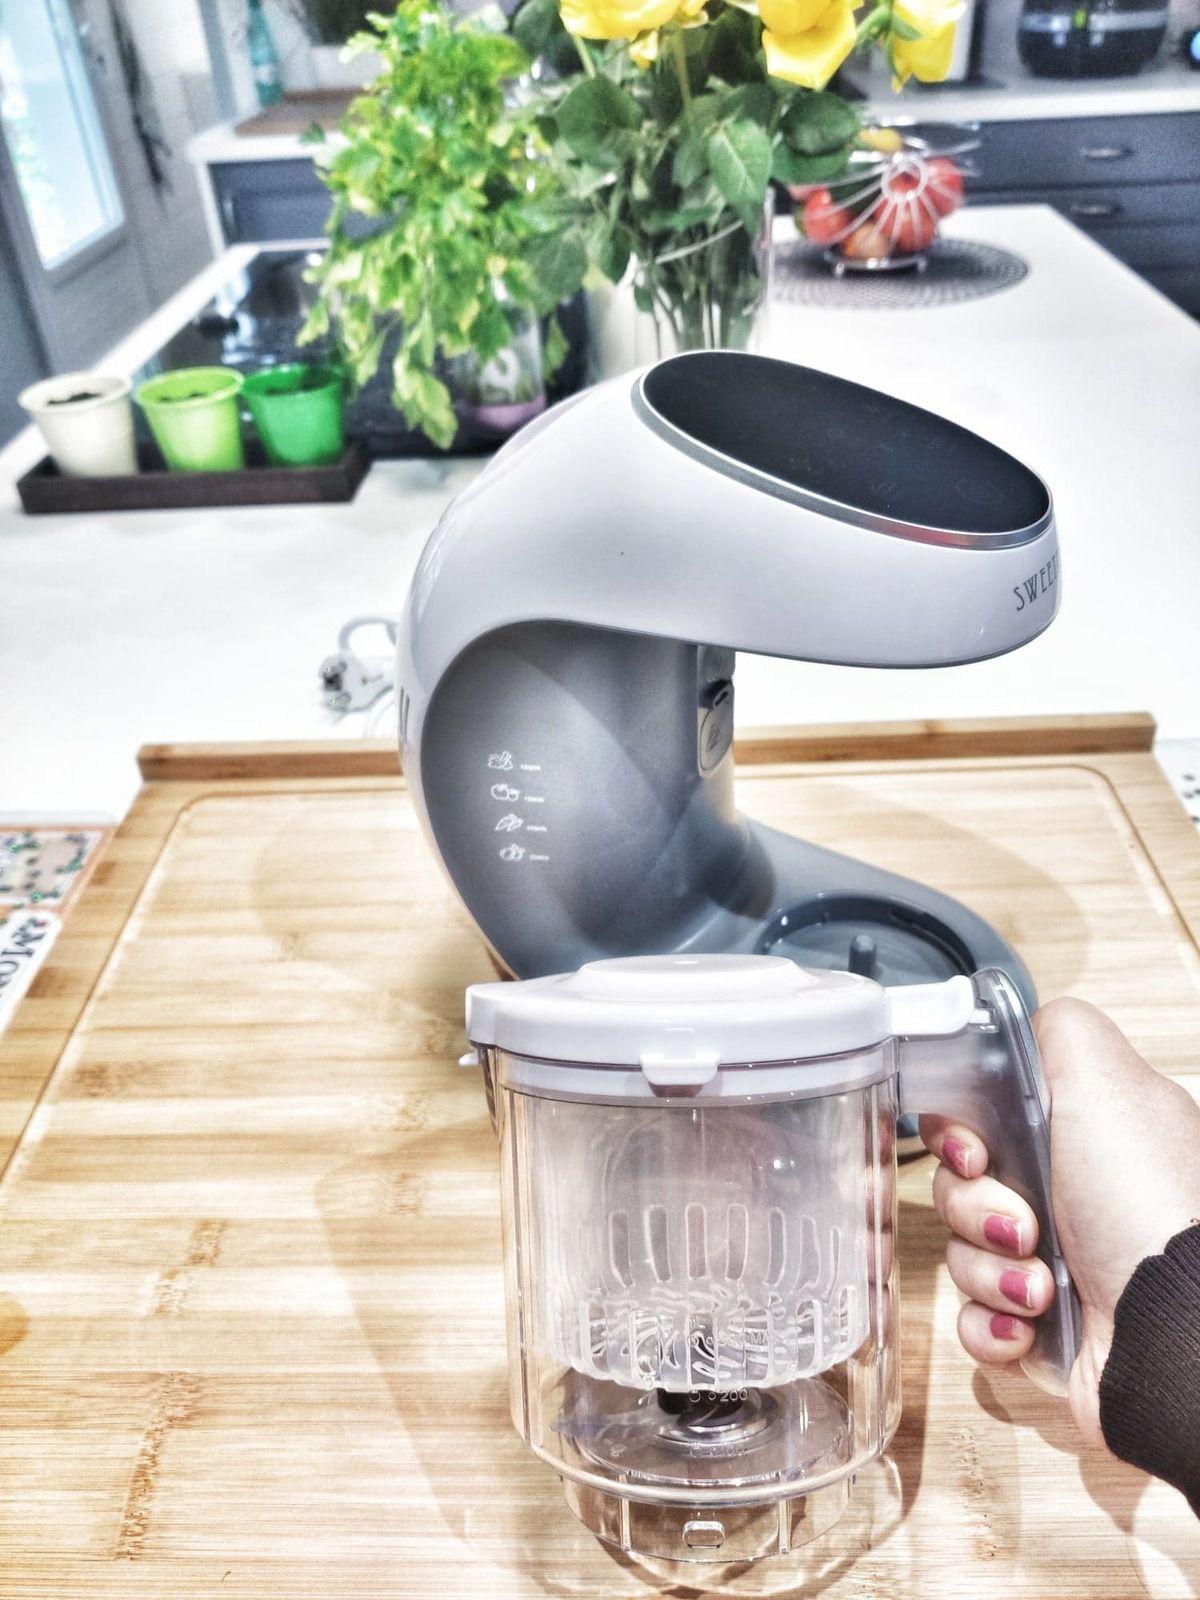 Robot multifonction 7 en 1  soupes et purées de bébé